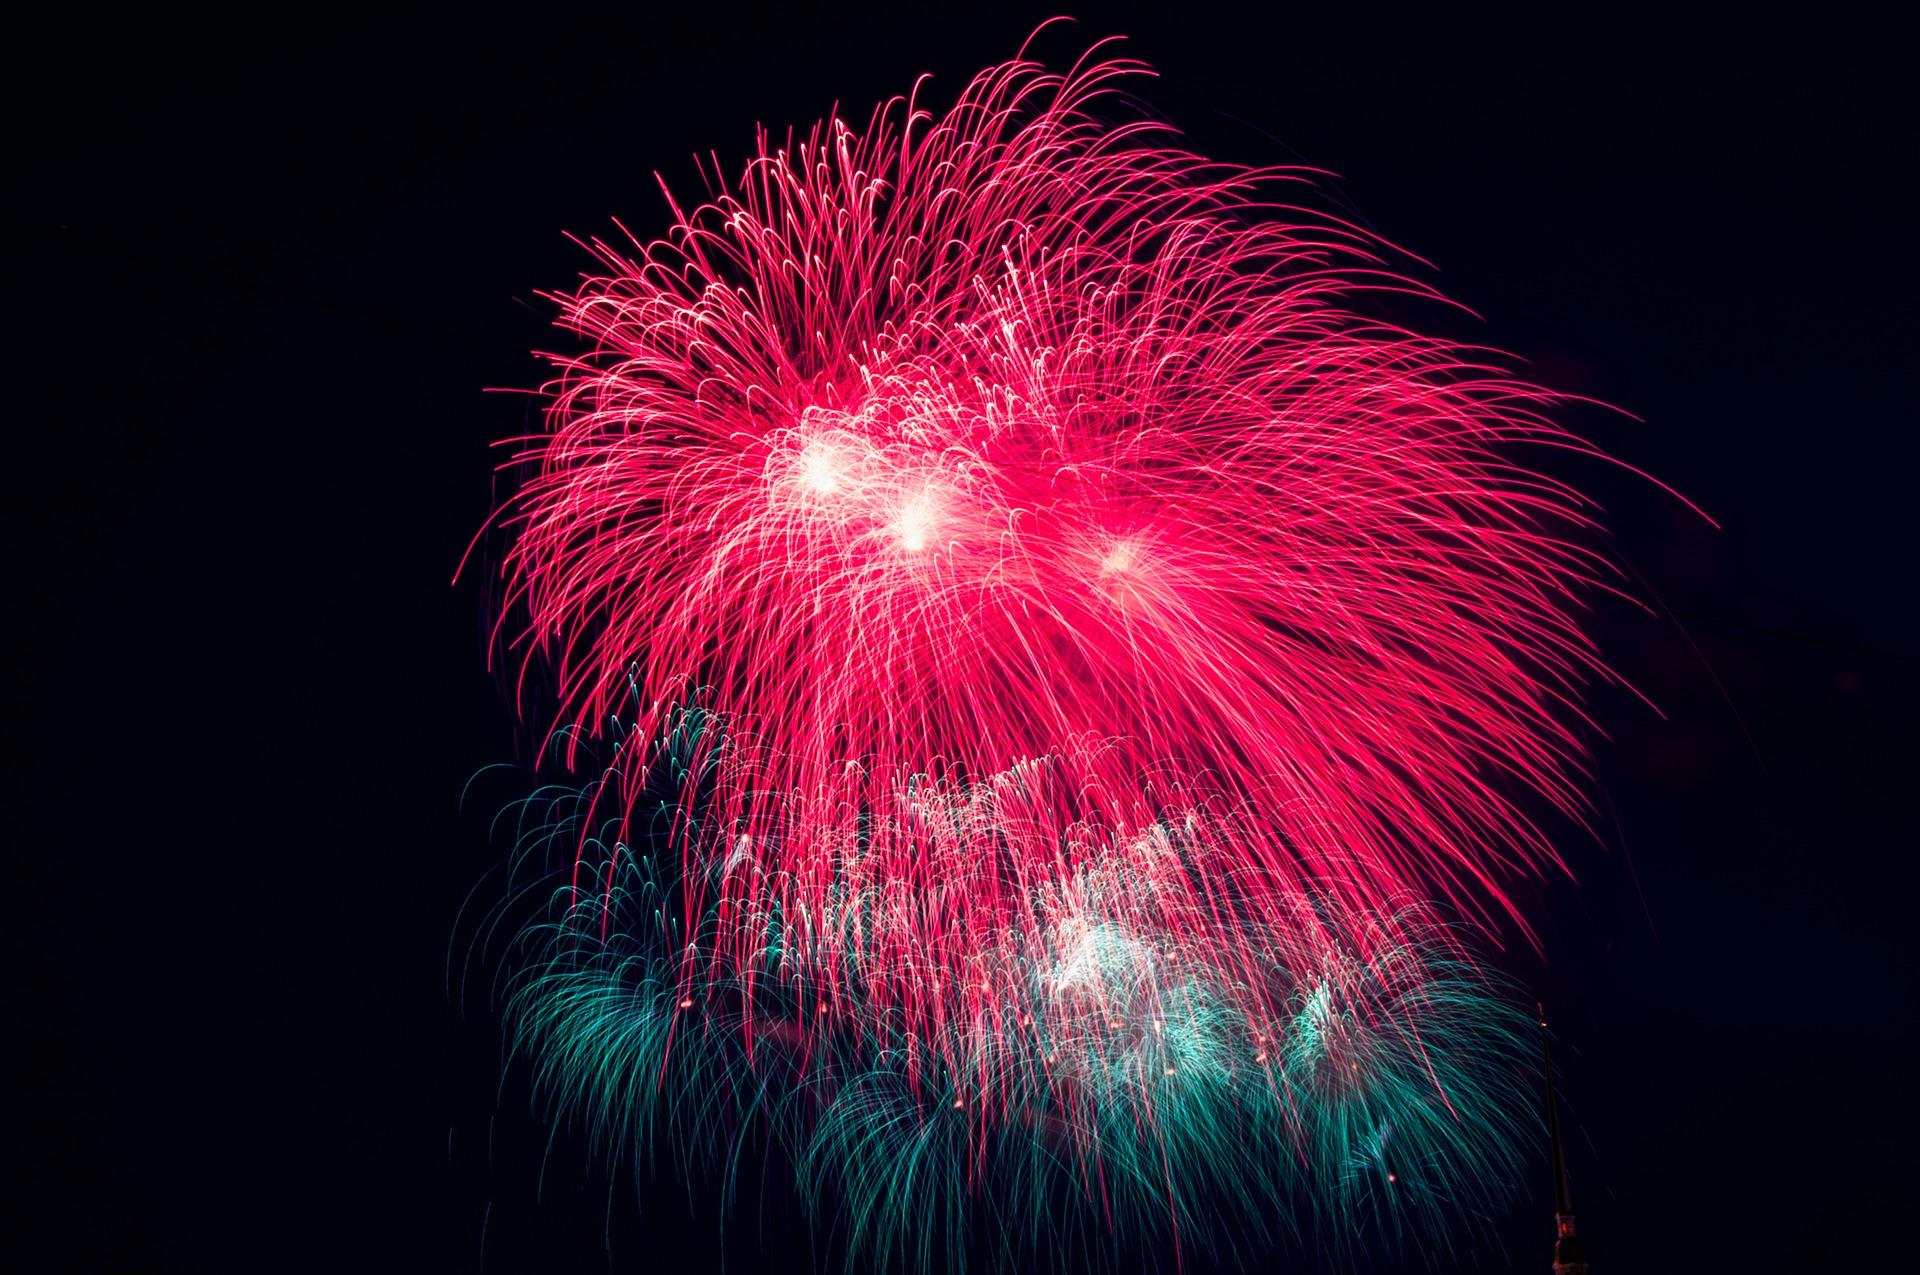 Салюты и фейерверки на Новый год 2020-2021 в Феодосии: когда начнётся и где посмотреть, площадки для запуска